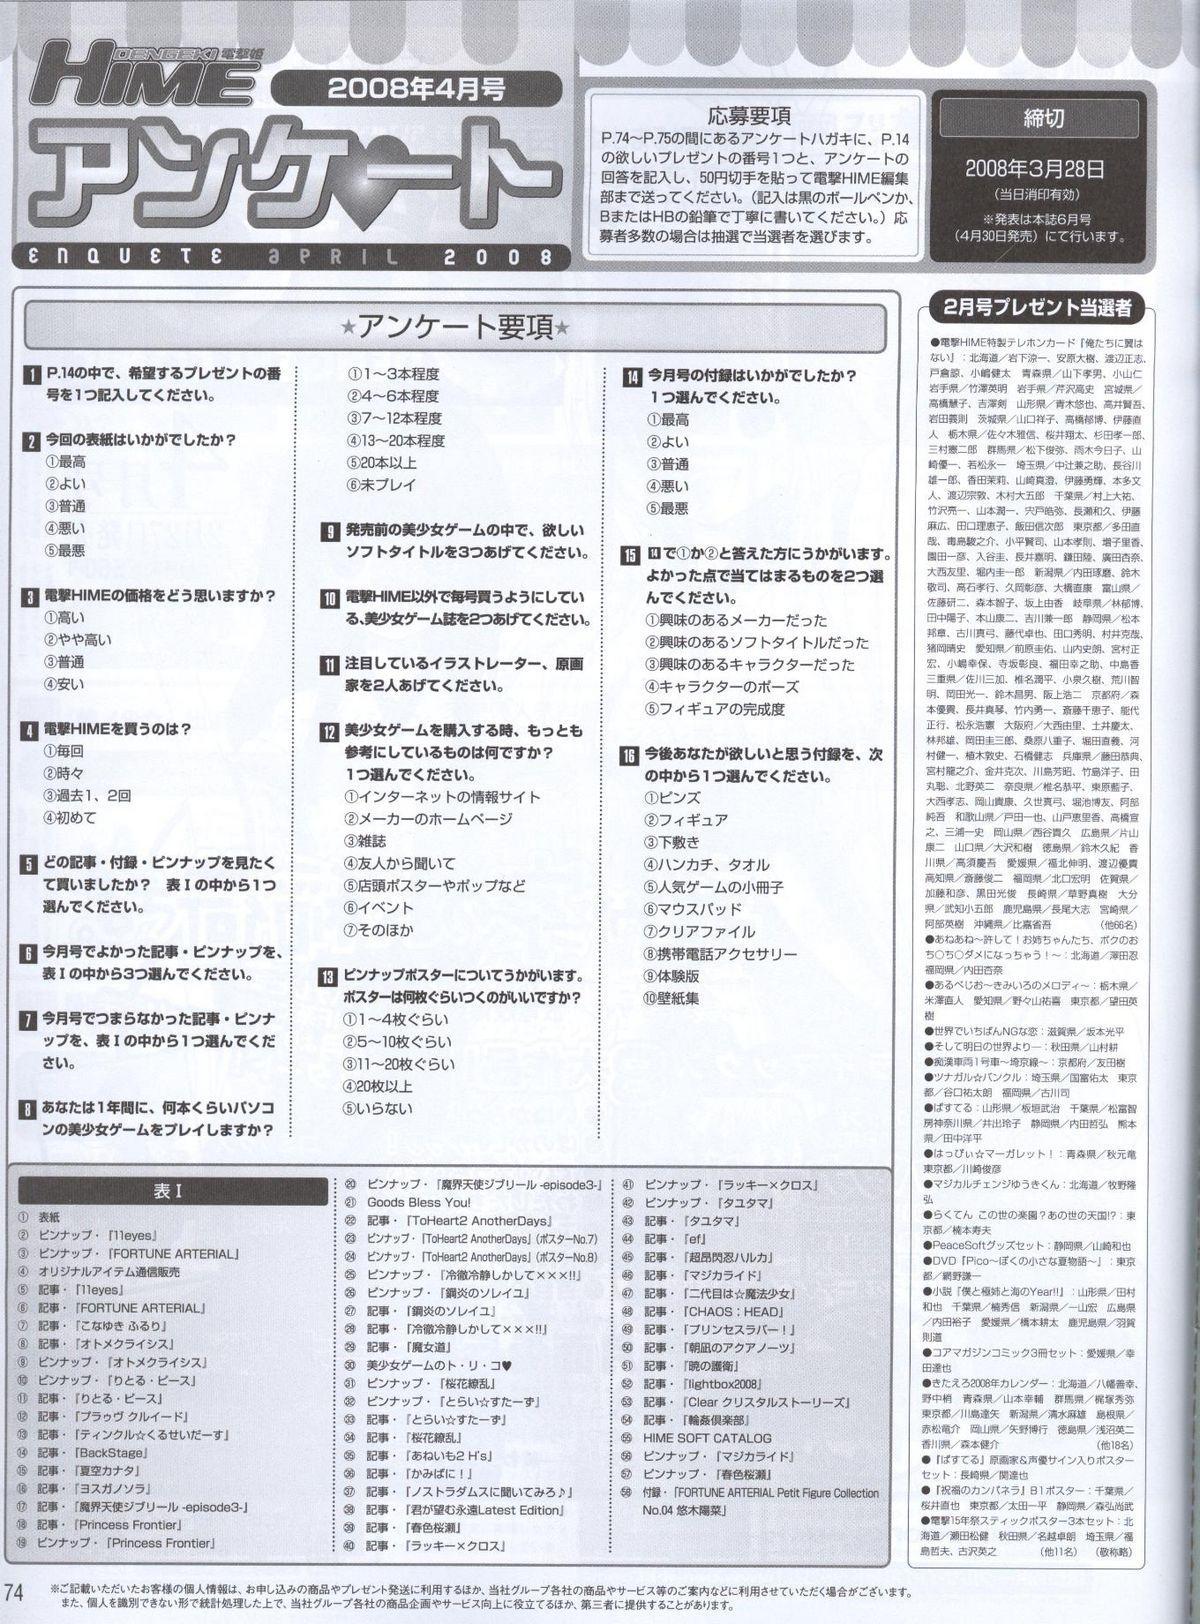 Dengeki Hime 2008--04 61